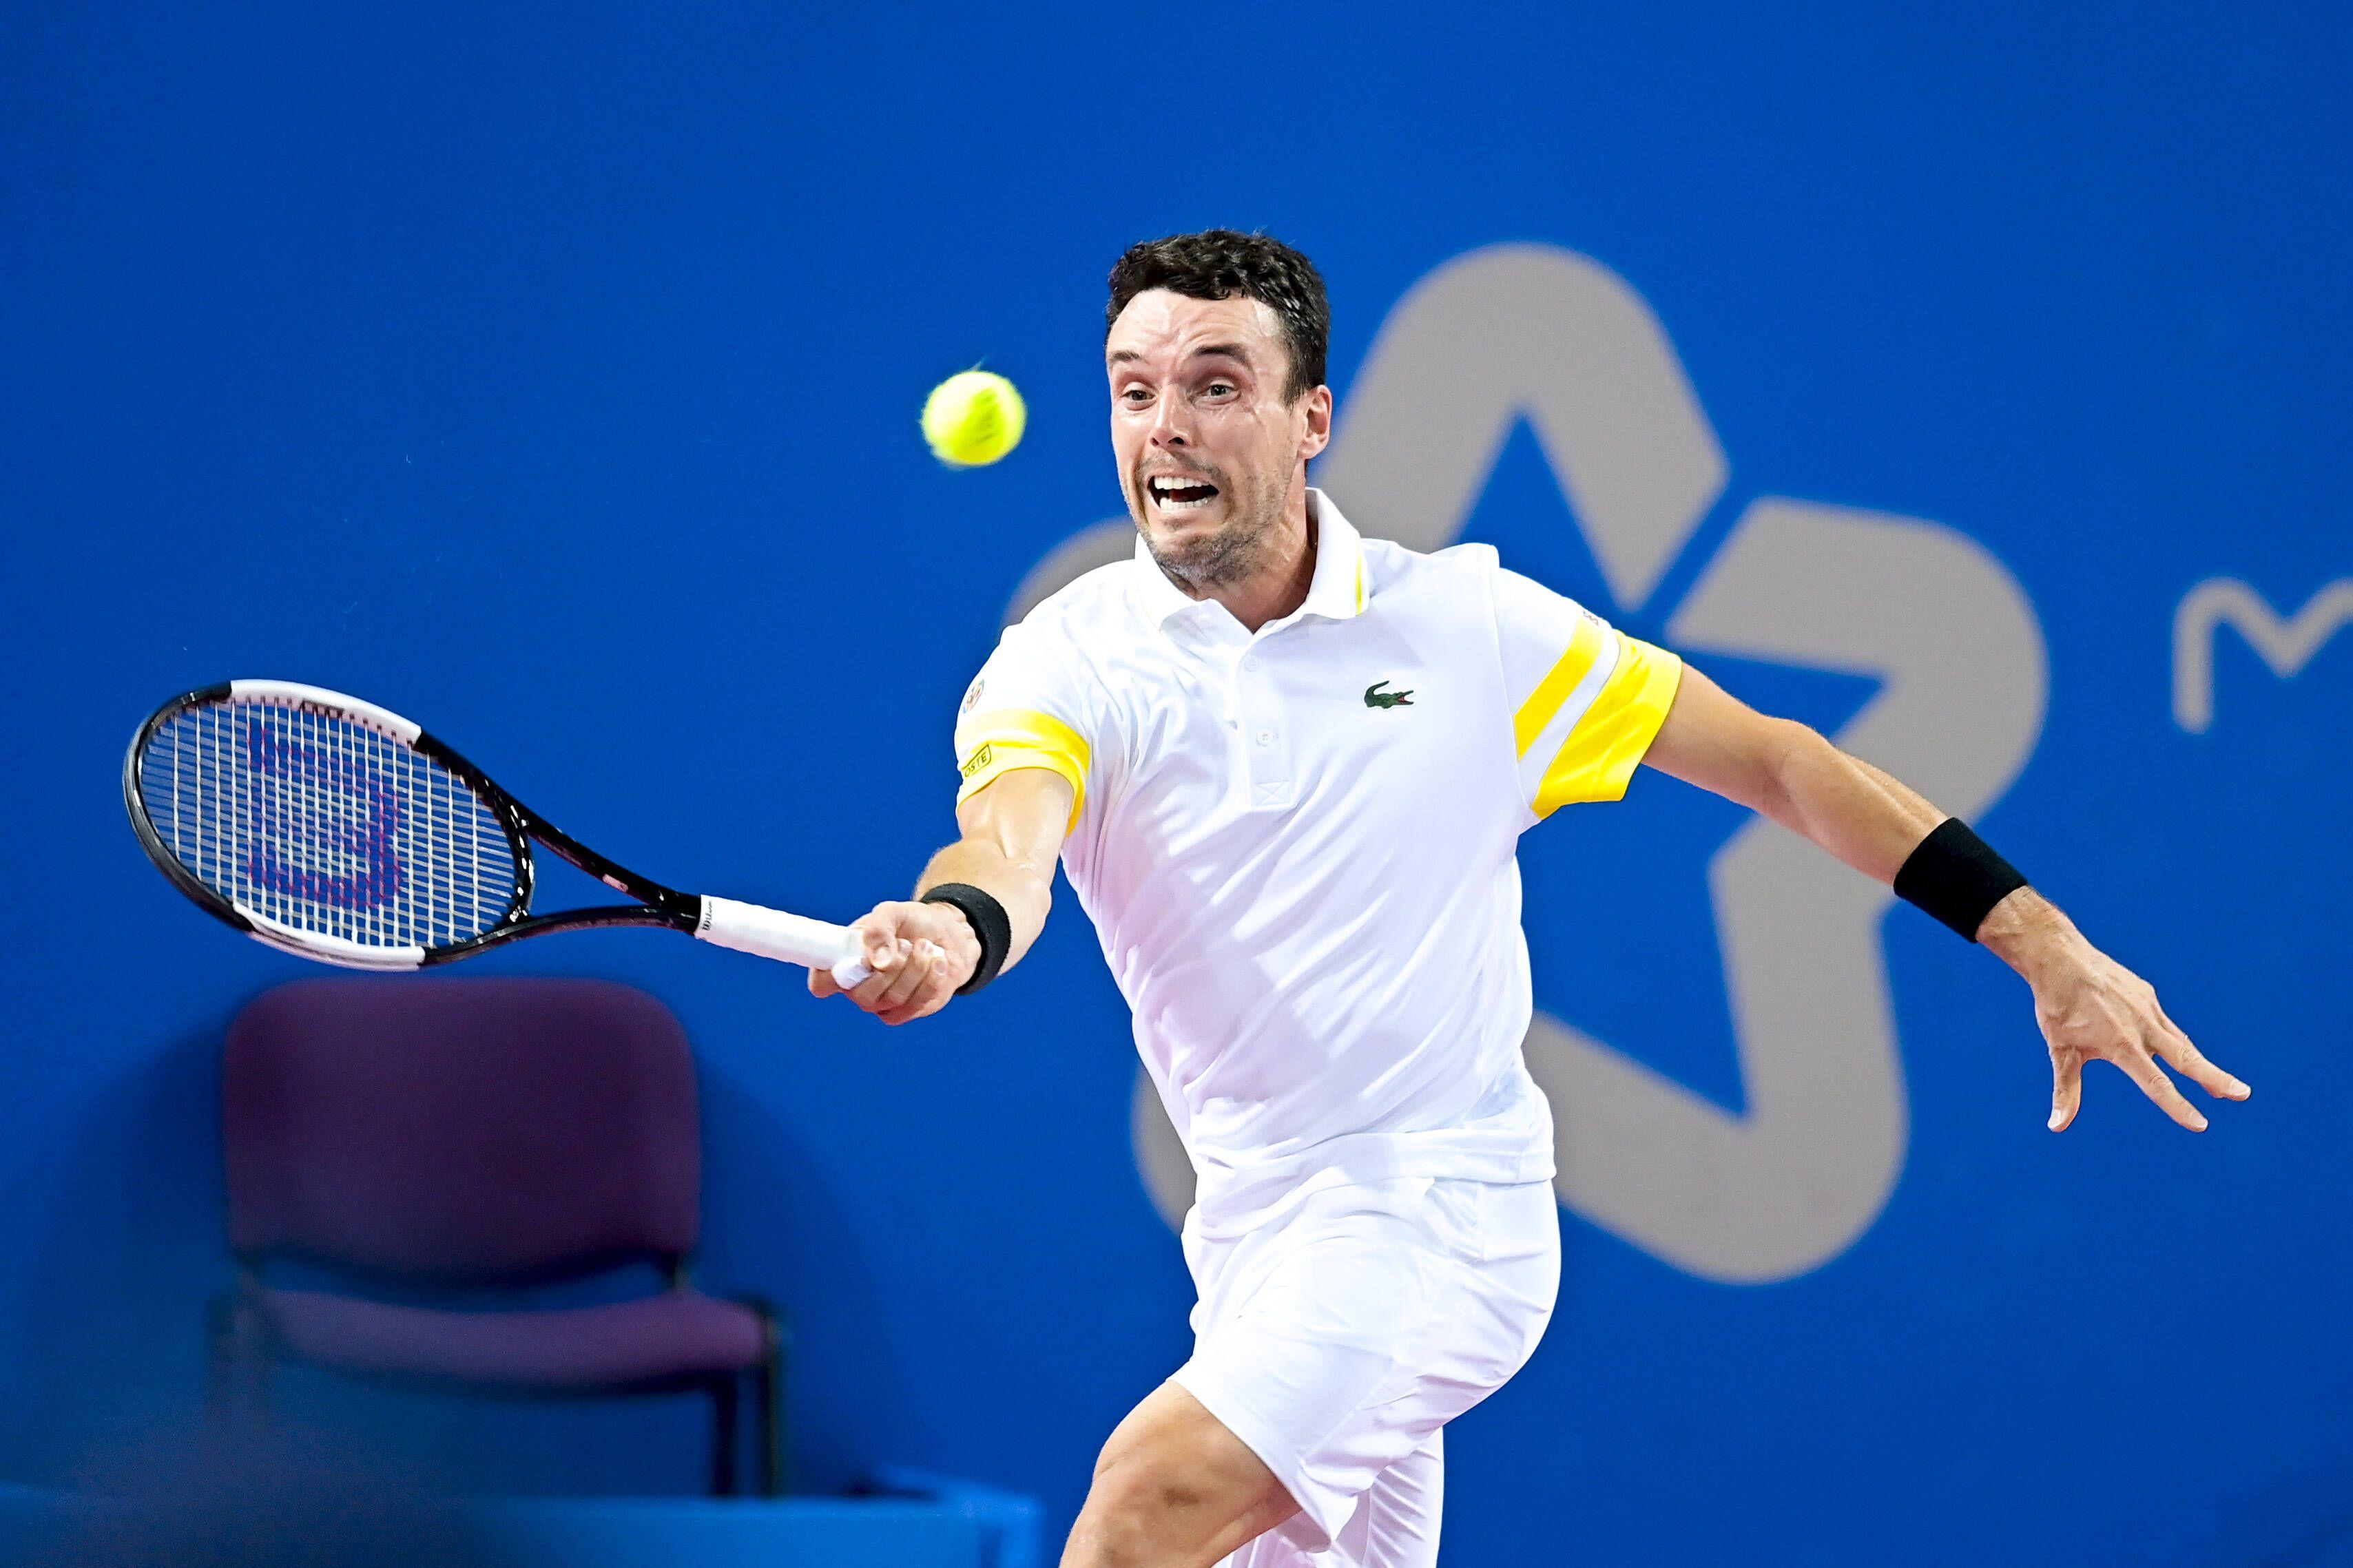 Баутиста-Агут прокомментировал победу над Медведевым в четвертьфинале турнира в Майами